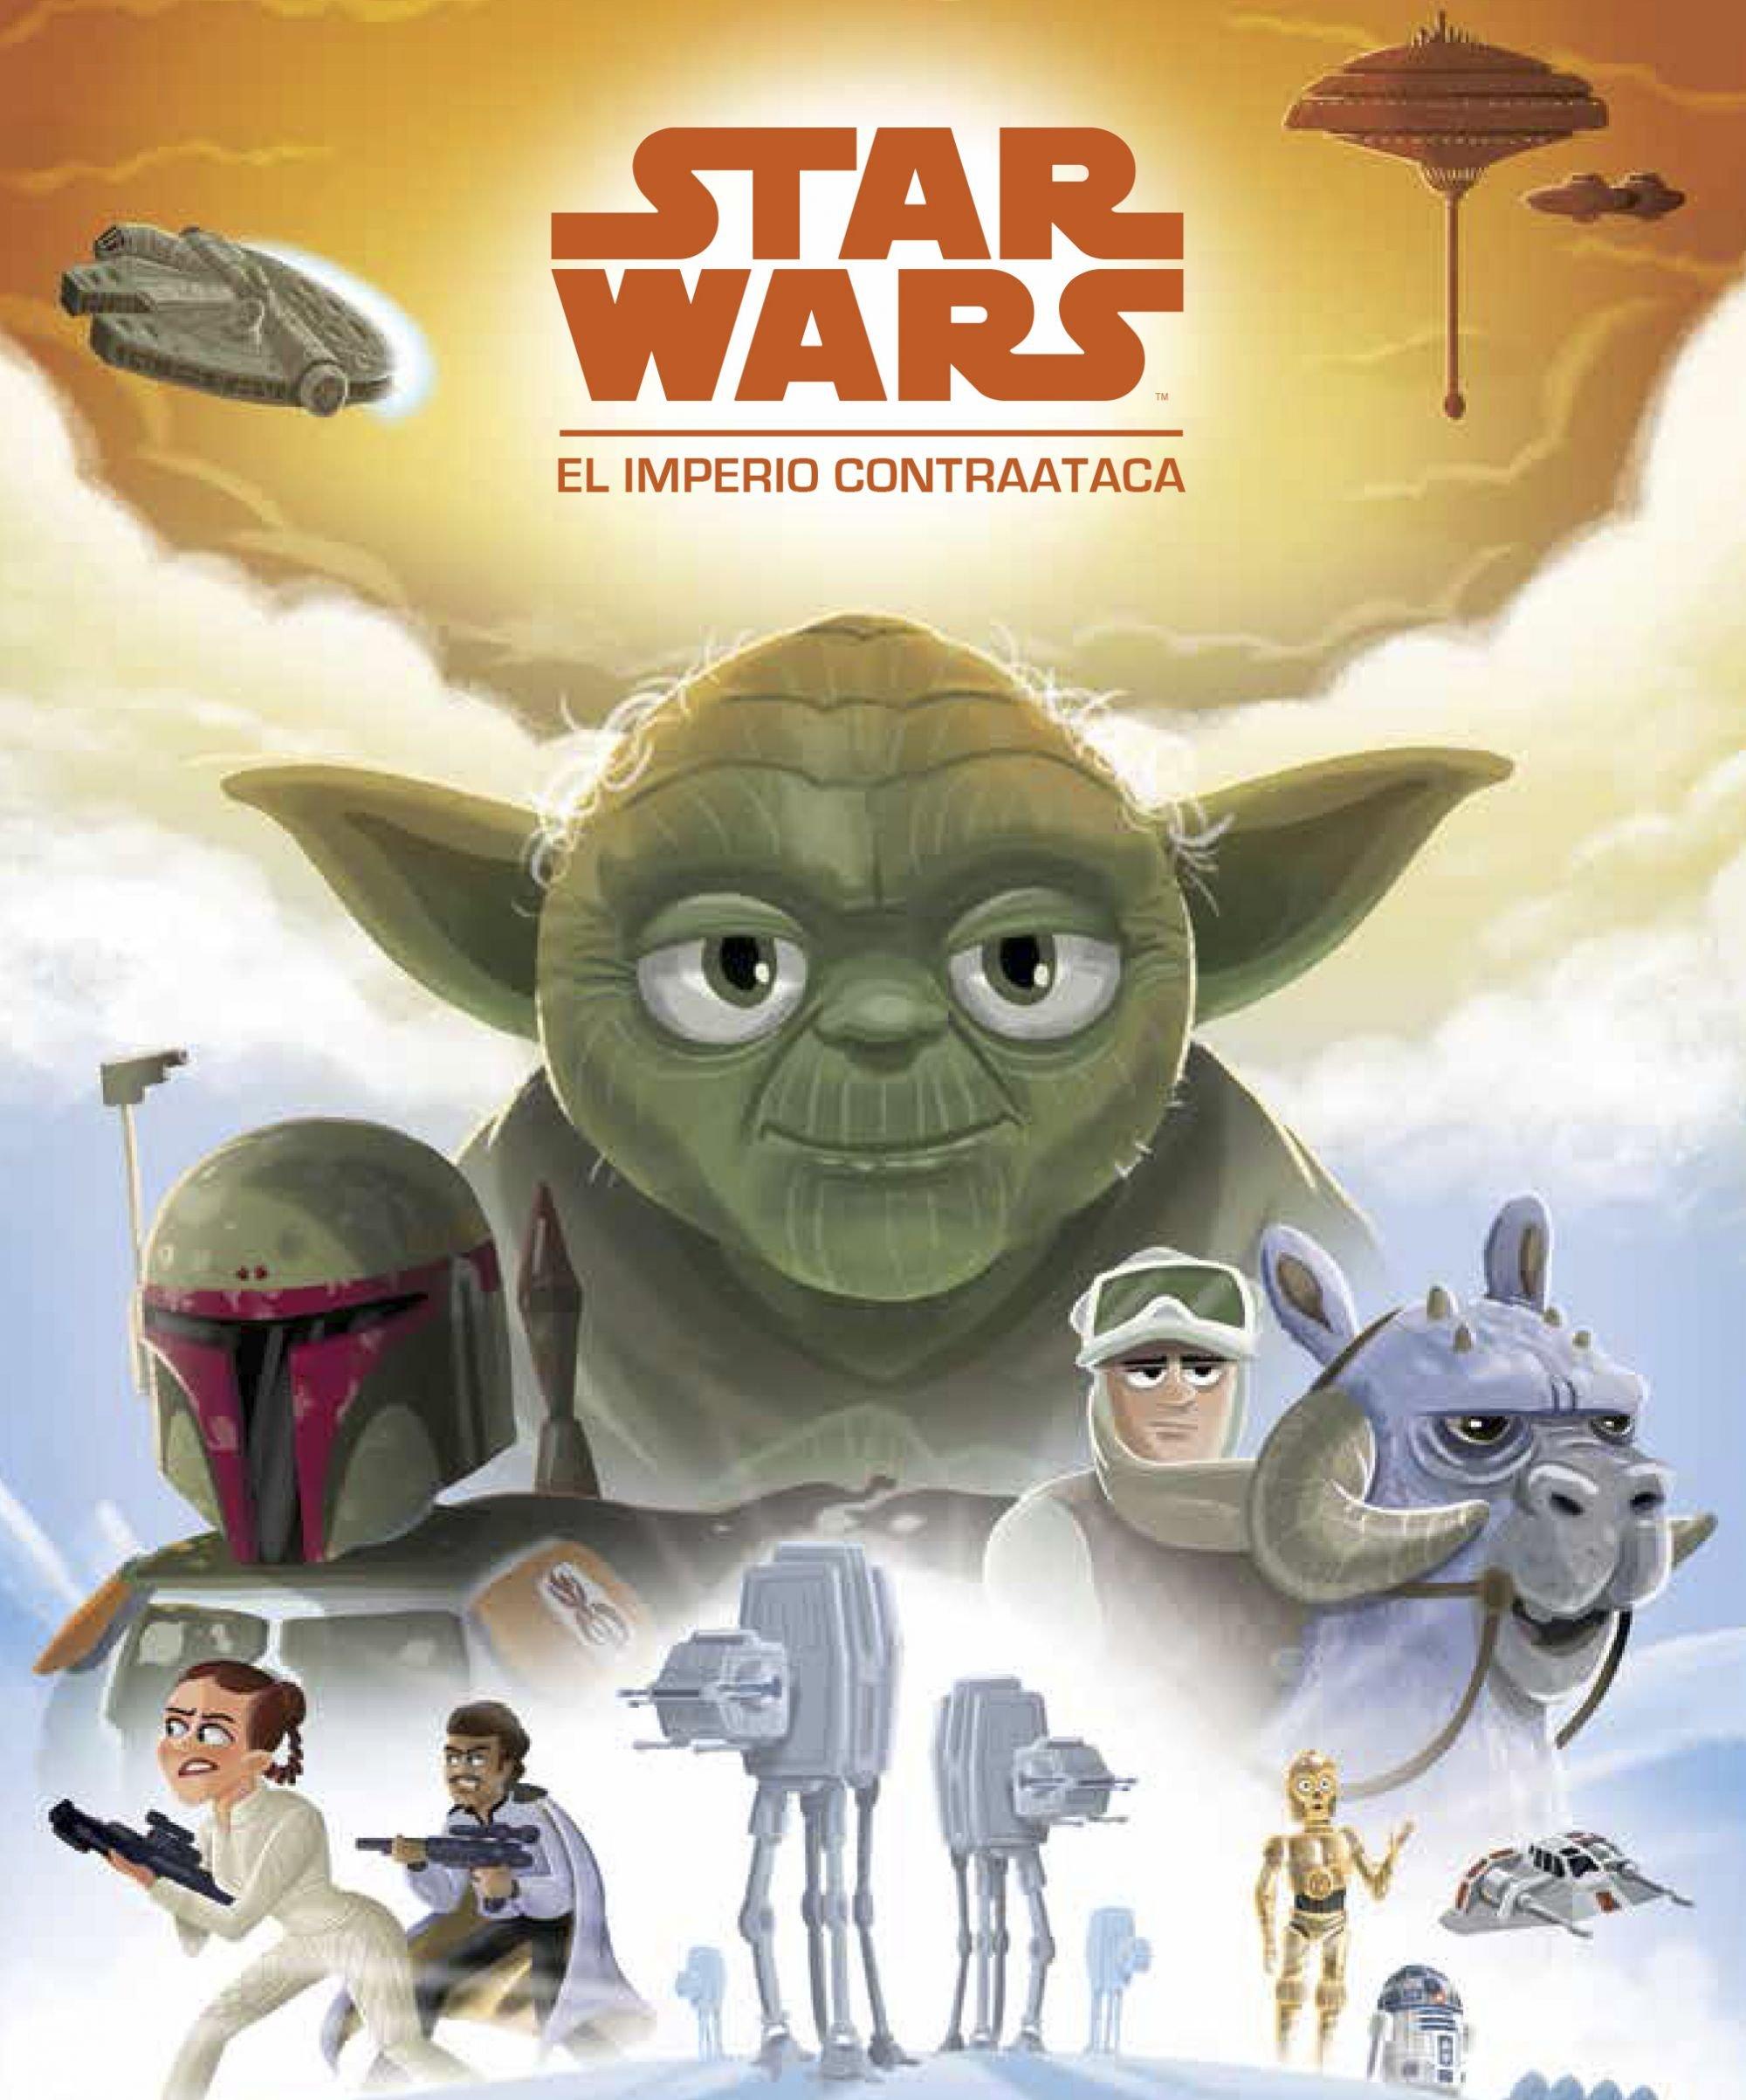 Star Wars. El Imperio contraataca: Amazon.es: Star Wars, Editorial Planeta S. A.: Libros